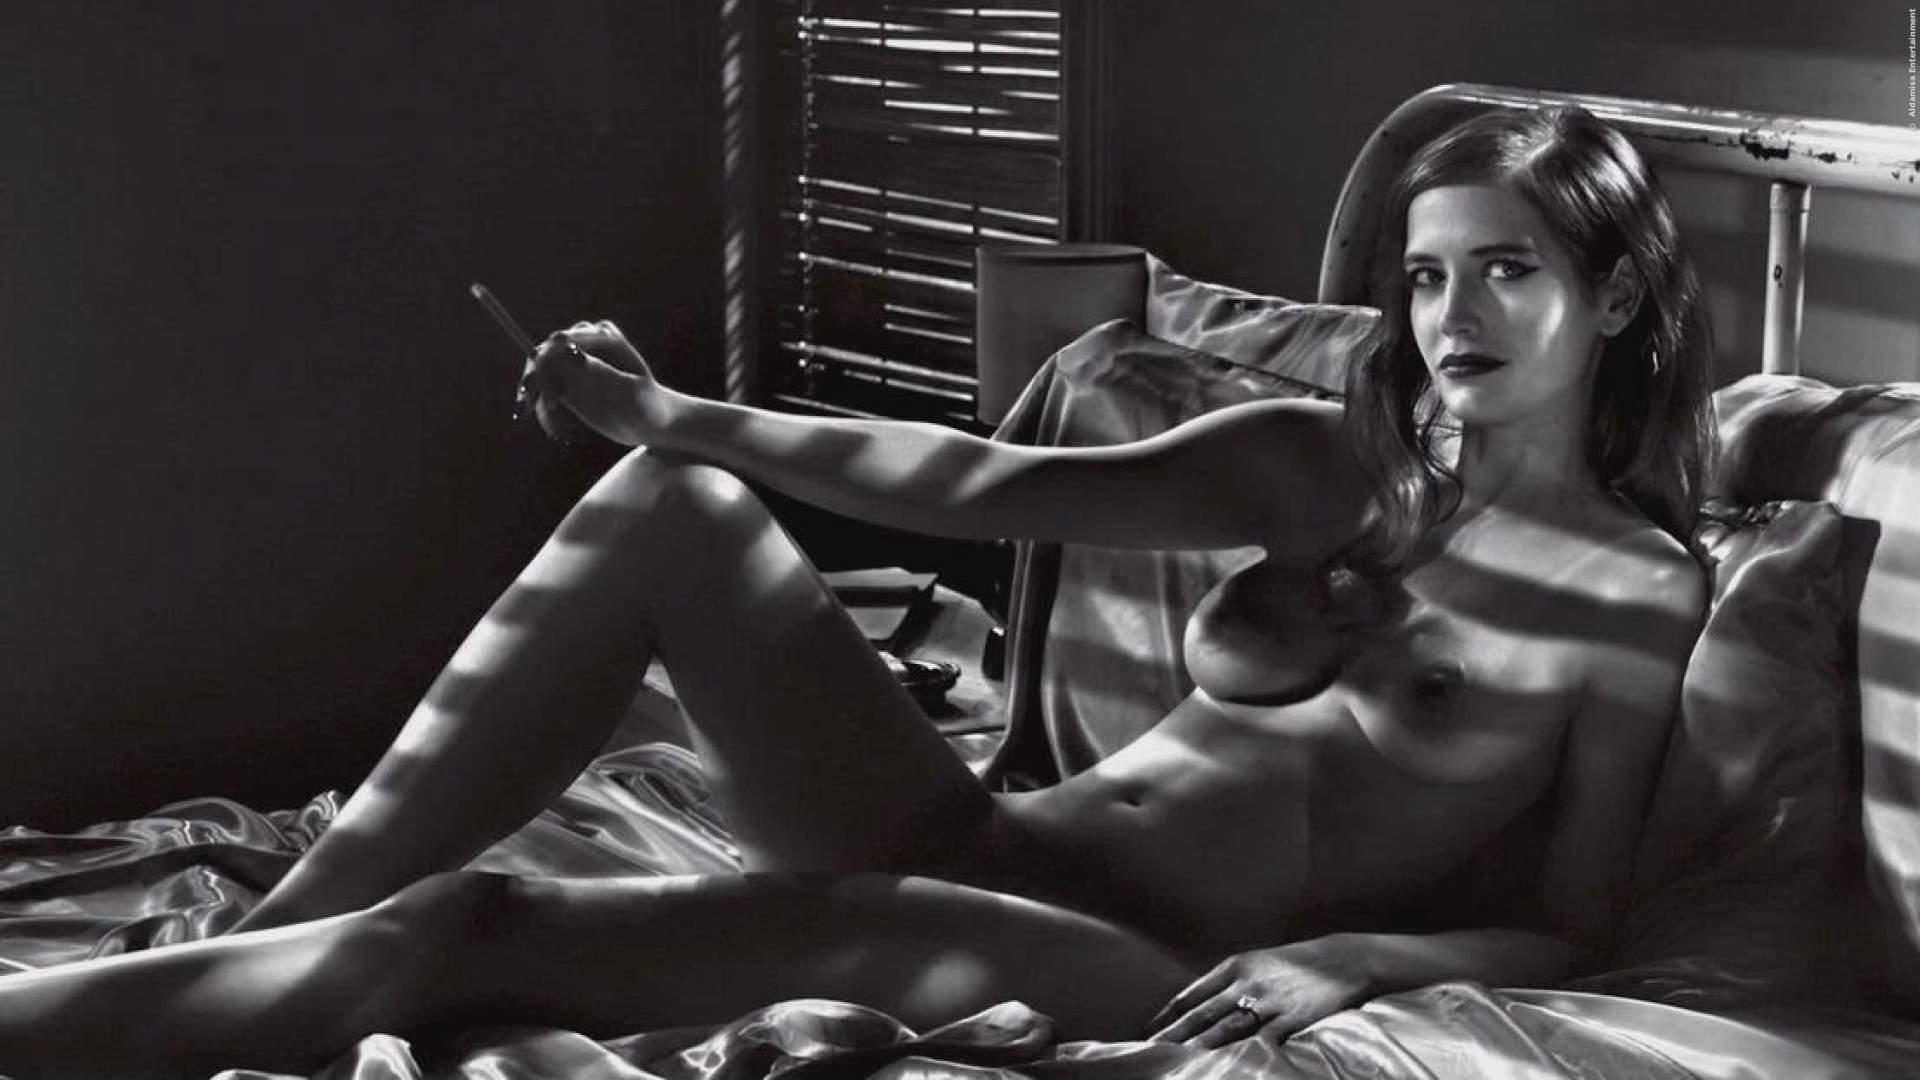 Top 30 Nacktszenen weiblicher Hollywoodstars - Bild 29 von 31